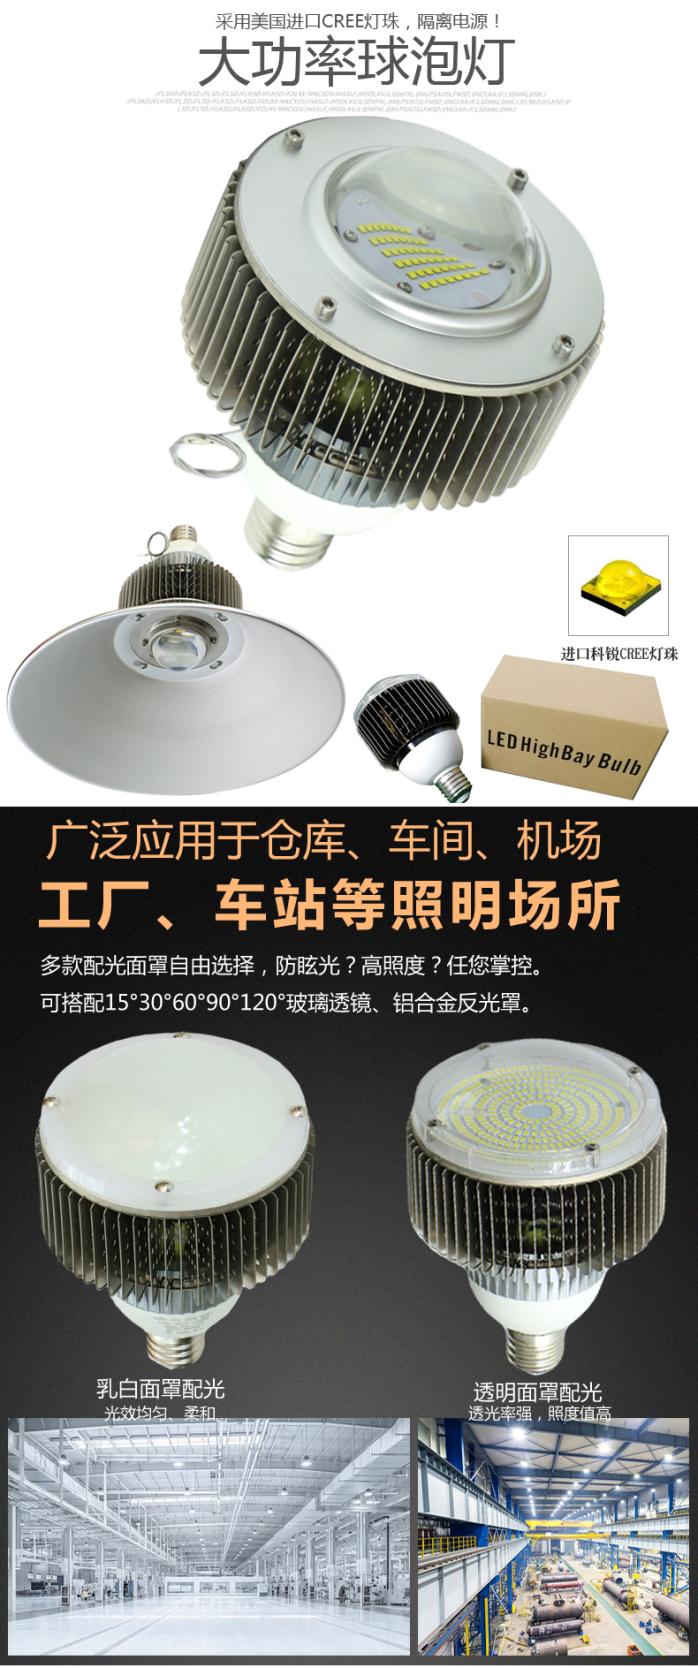 倉庫照明LED球泡燈 100W球泡燈96027415